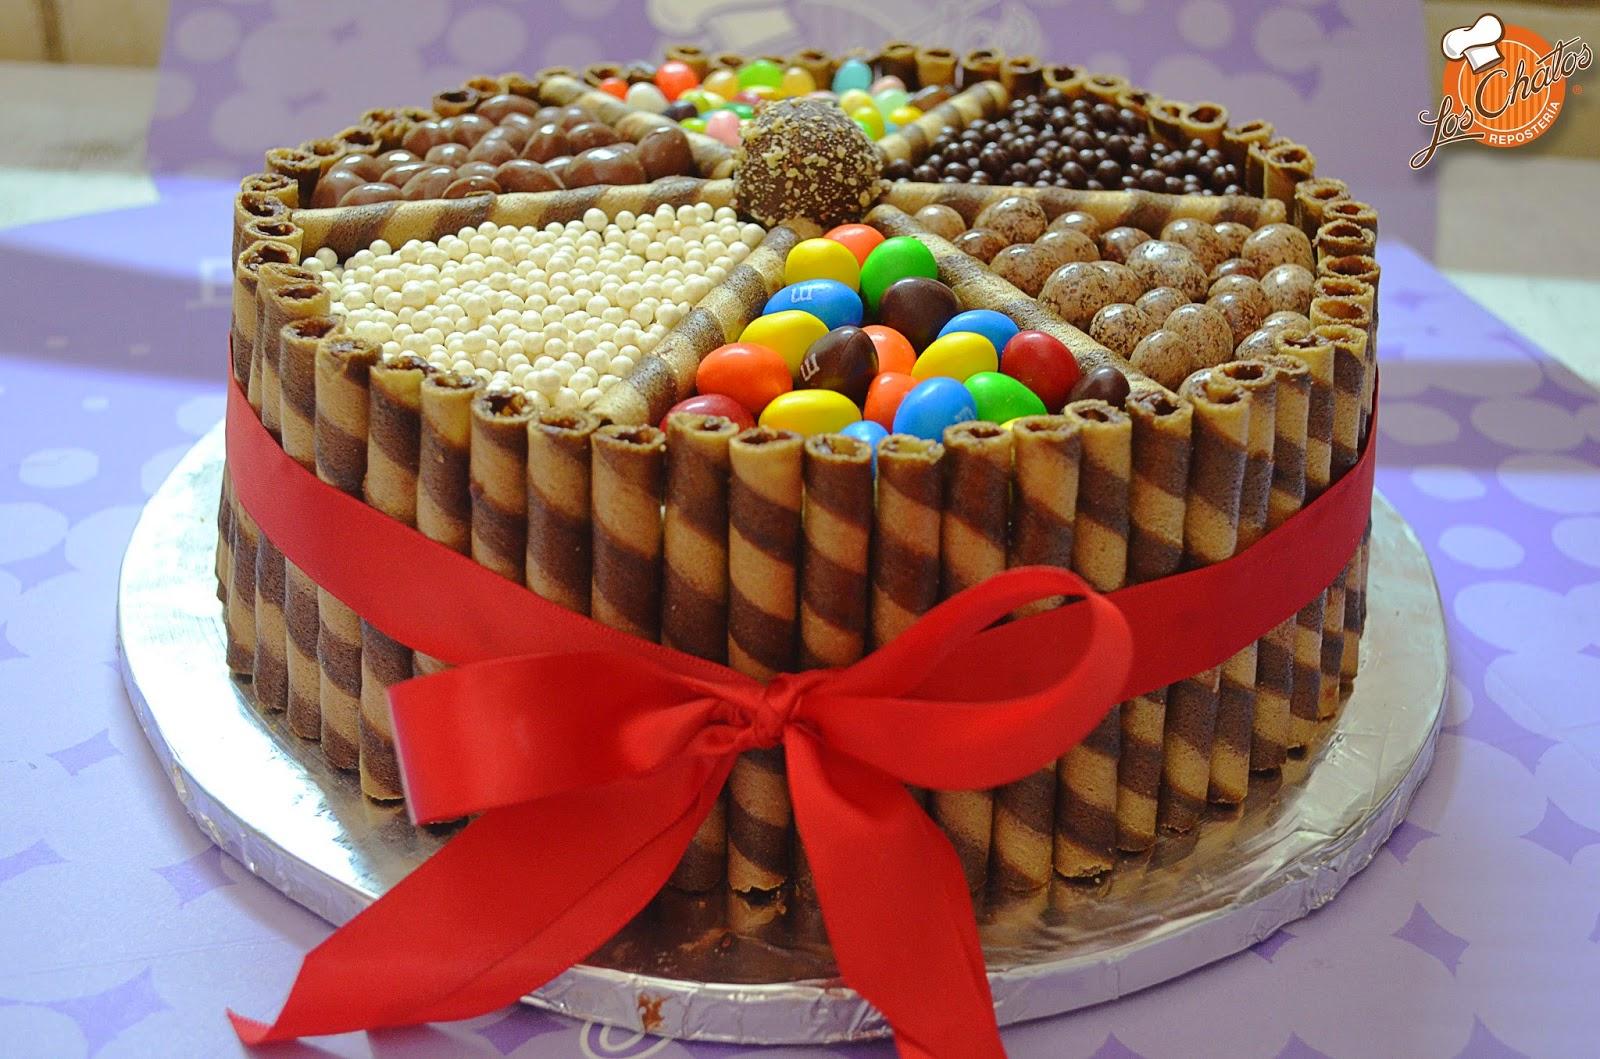 Imágenes Pasteles Bonitos Para Cumpleaños: Pasteles Deliciosos, Decorados Con Dulces Y Que Se Ven Tan